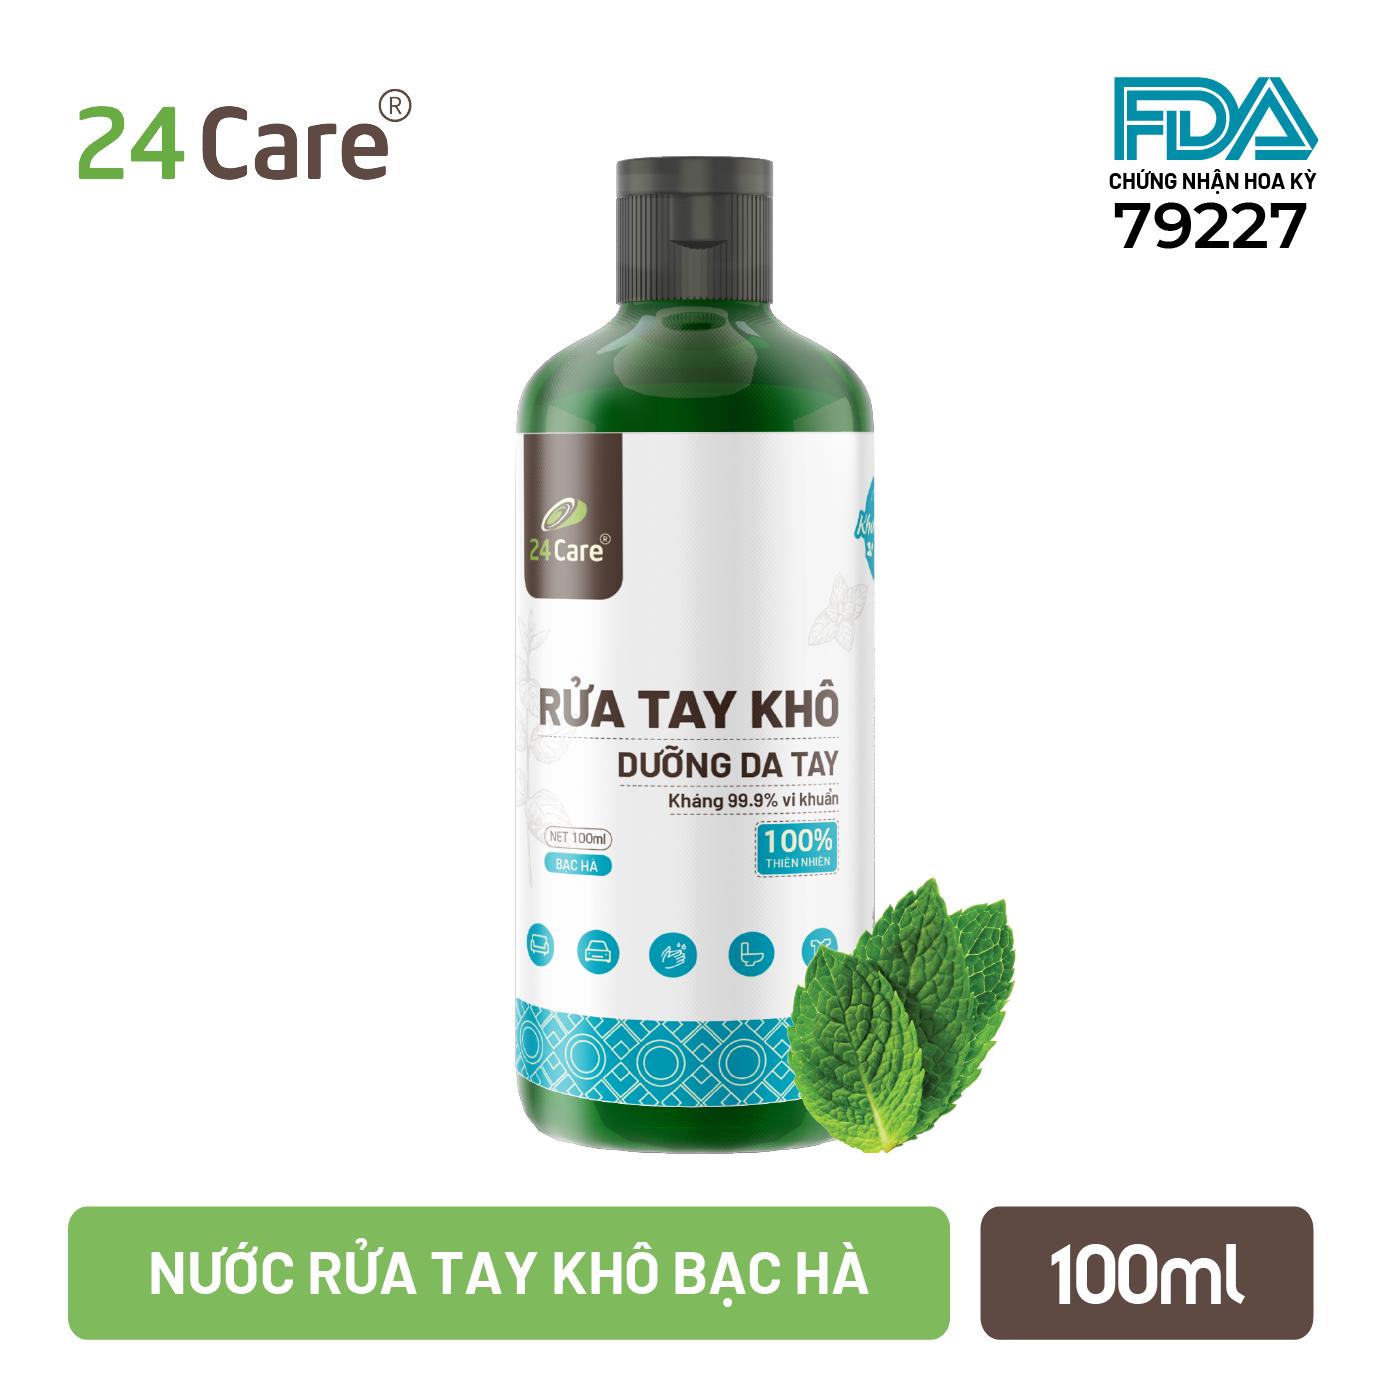 [FDA Approved] Nước rửa tay khô tinh dầu Bạc Hà 24Care – có kiểm định diệt khuẩn 99,9% – ĐẠT TIÊU CHUẨN FDA HOA KỲ